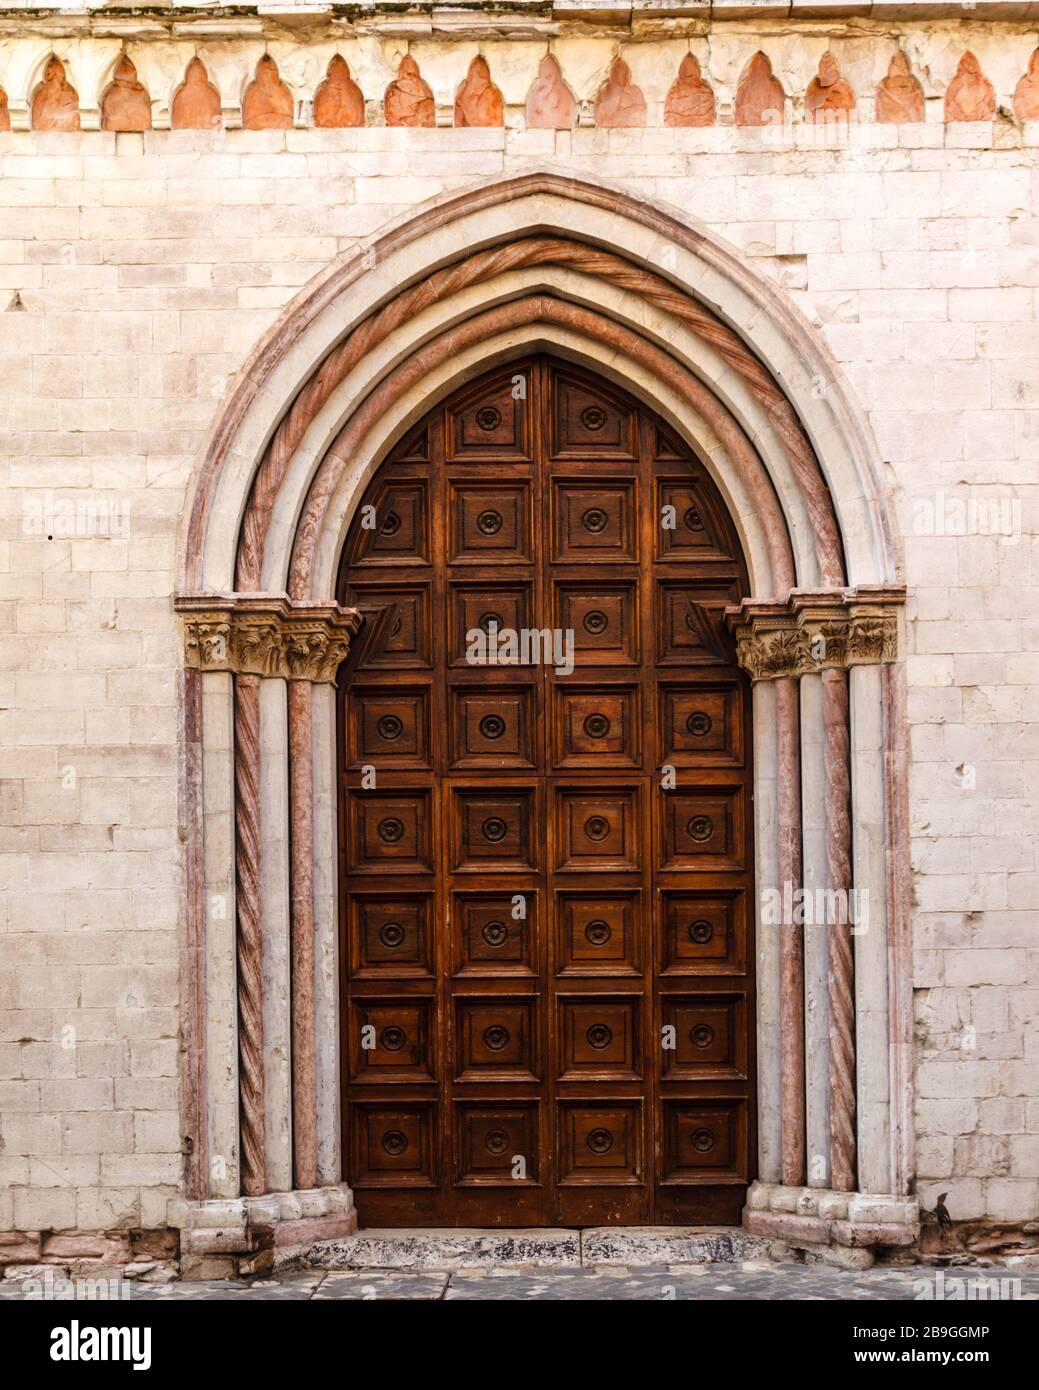 Auditorium di Santa Catarina, Foligno, Umbria, Italy Stock Photo